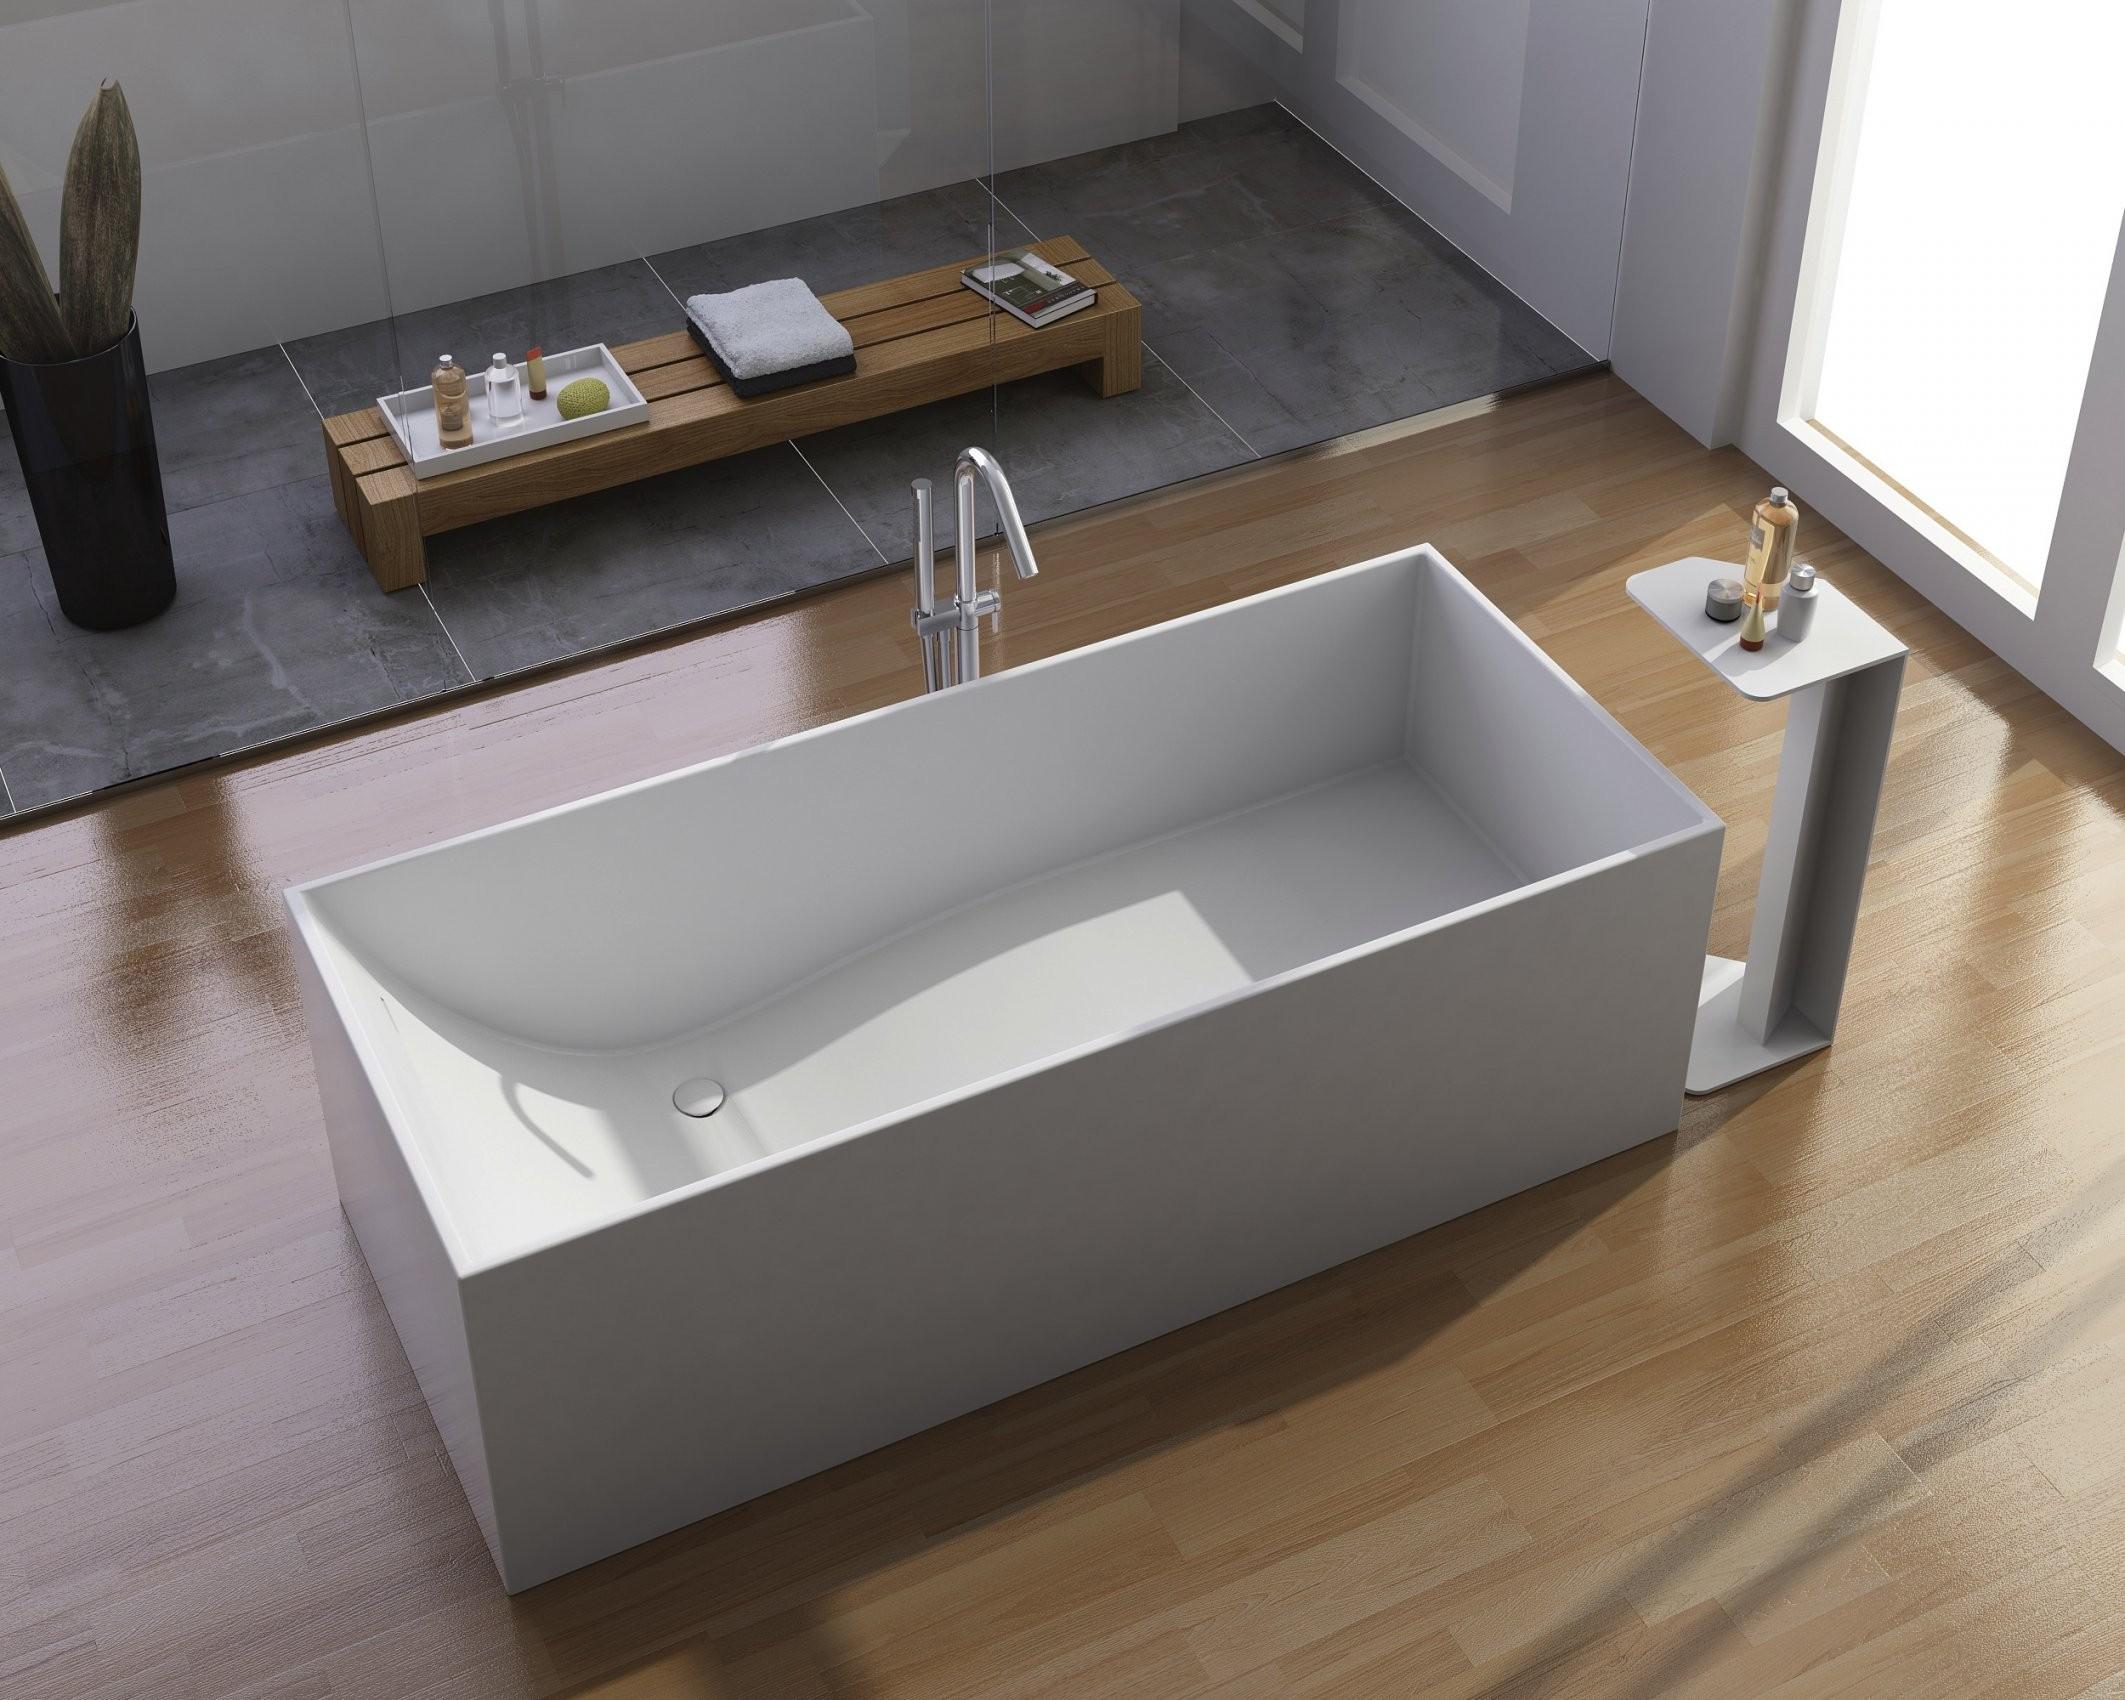 Badewanne Eckig Freistehend Haus Ideen von Badewanne Eckig Freistehend Bild